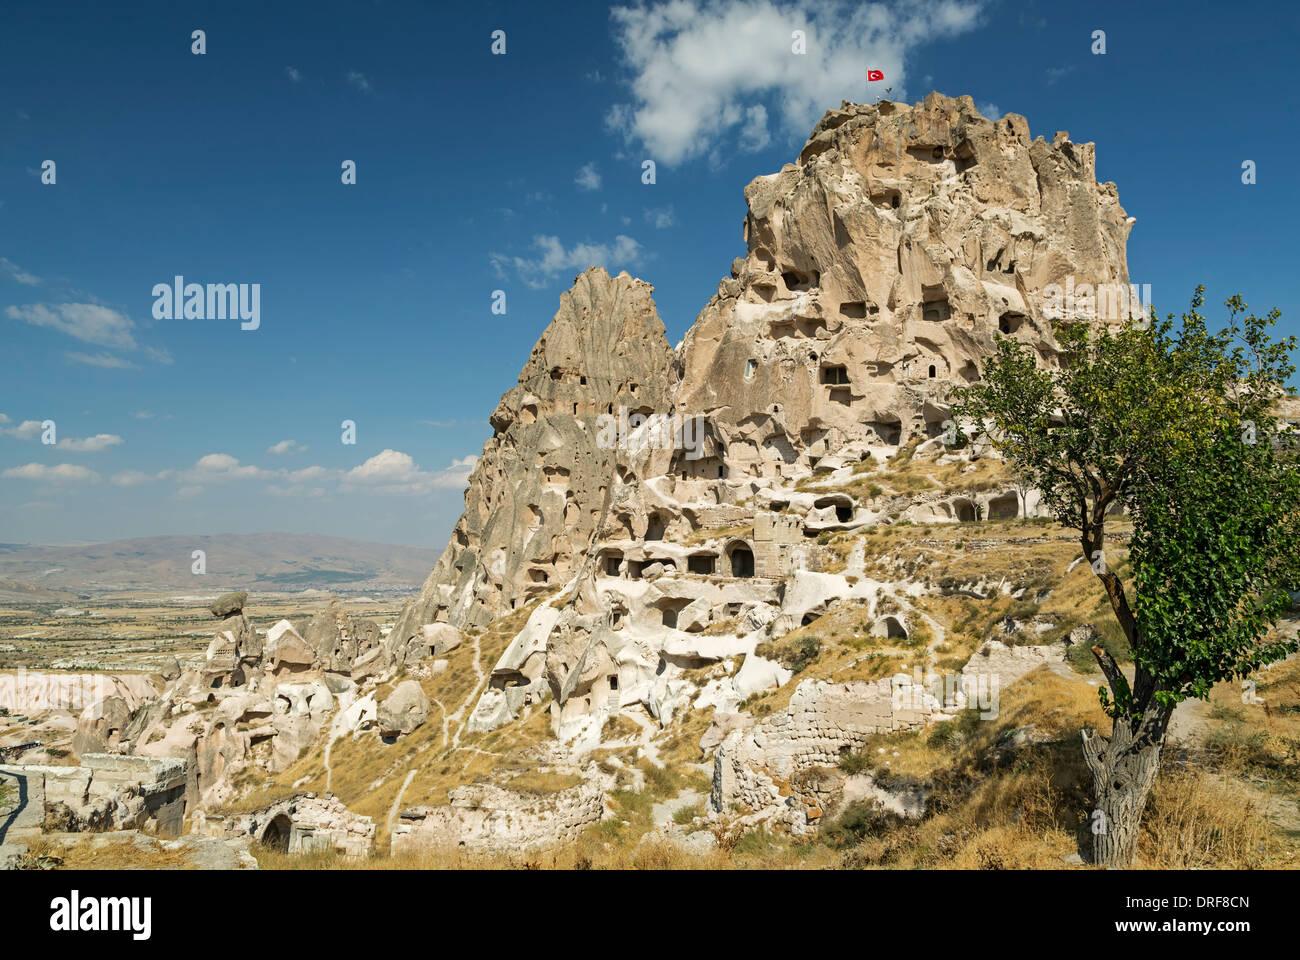 Feenkamine und The Castle, Uchisar, Kappadokien, Türkei Stockbild